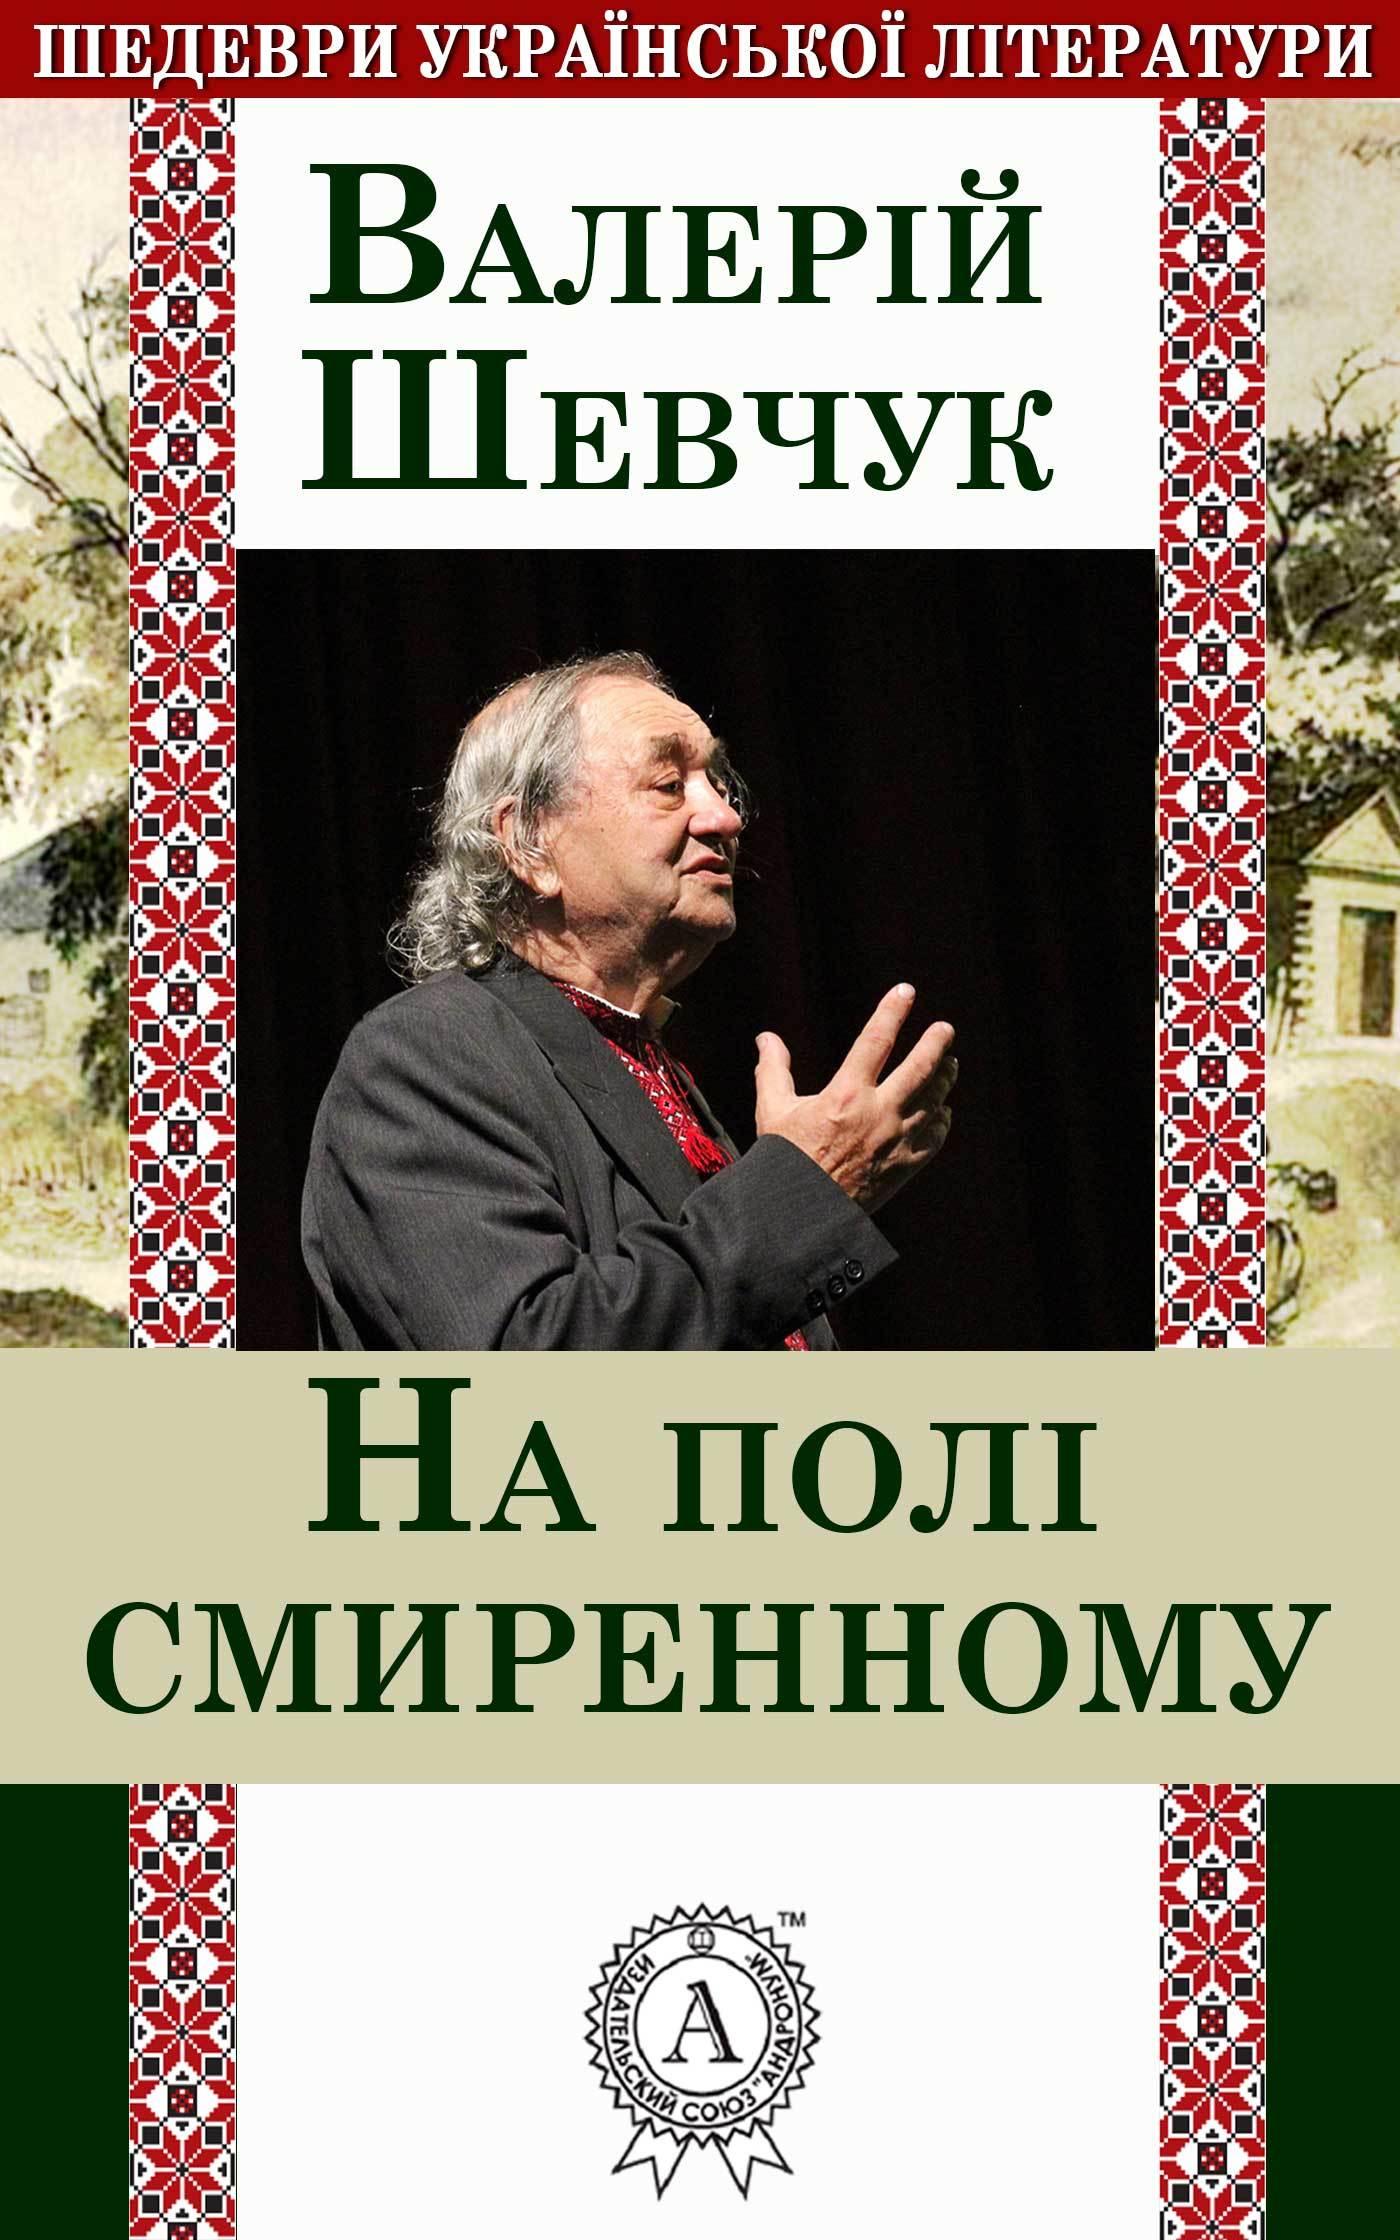 На полі смиренному ( Валерій Шевчук  )